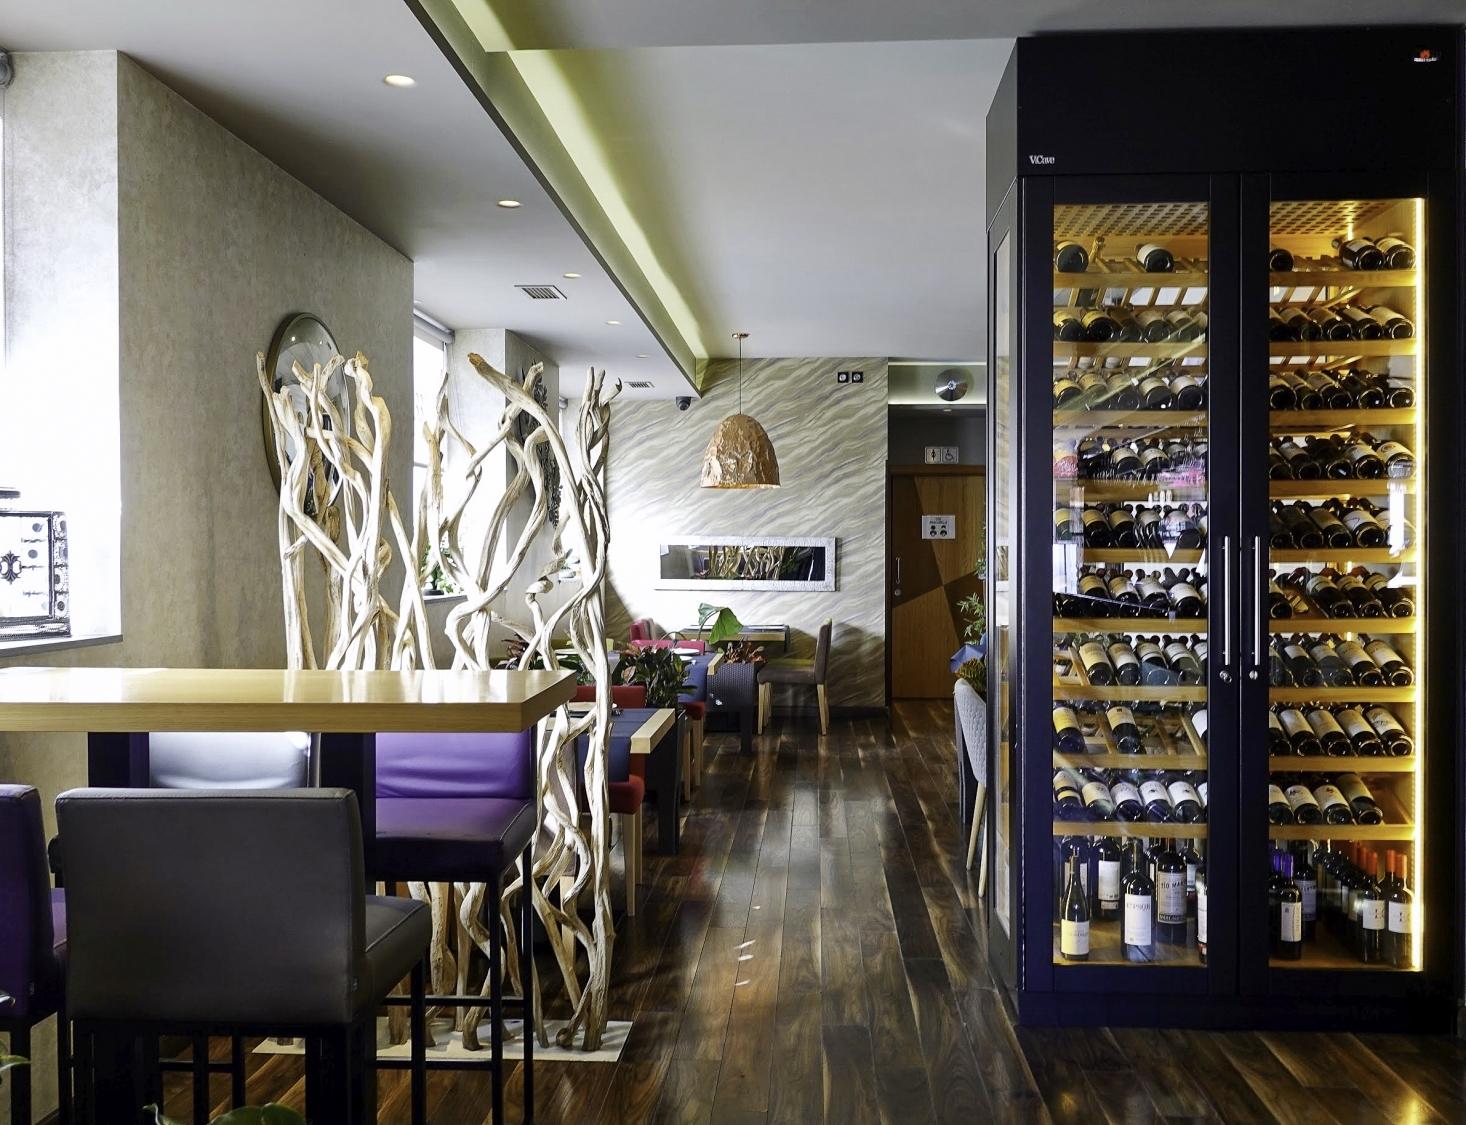 restaurantes en moralzarzal, restaurantes en la sierra de madrid, restaurante en collado villalba